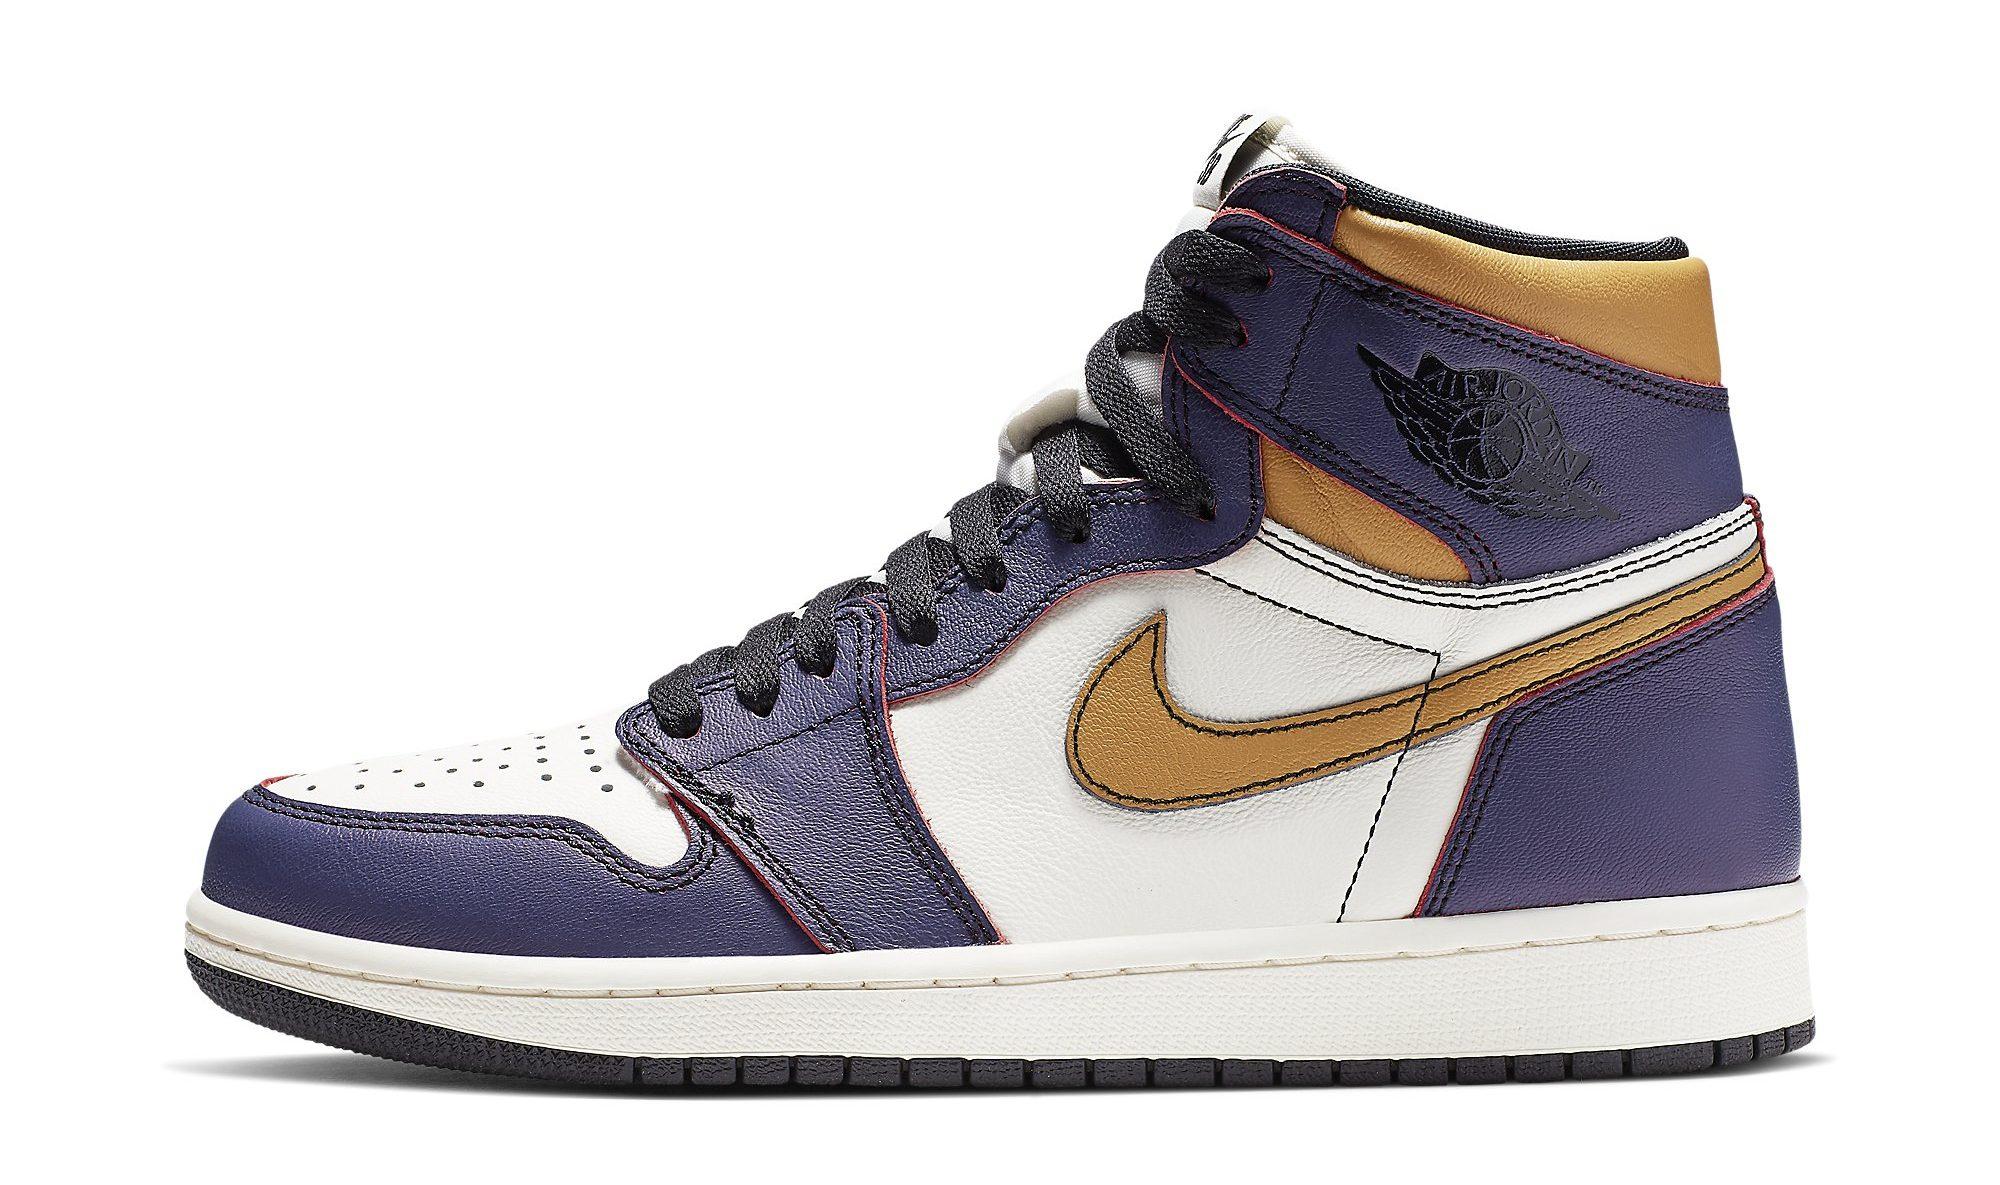 Jordan 13 Retro Laker Shoes: Best LA